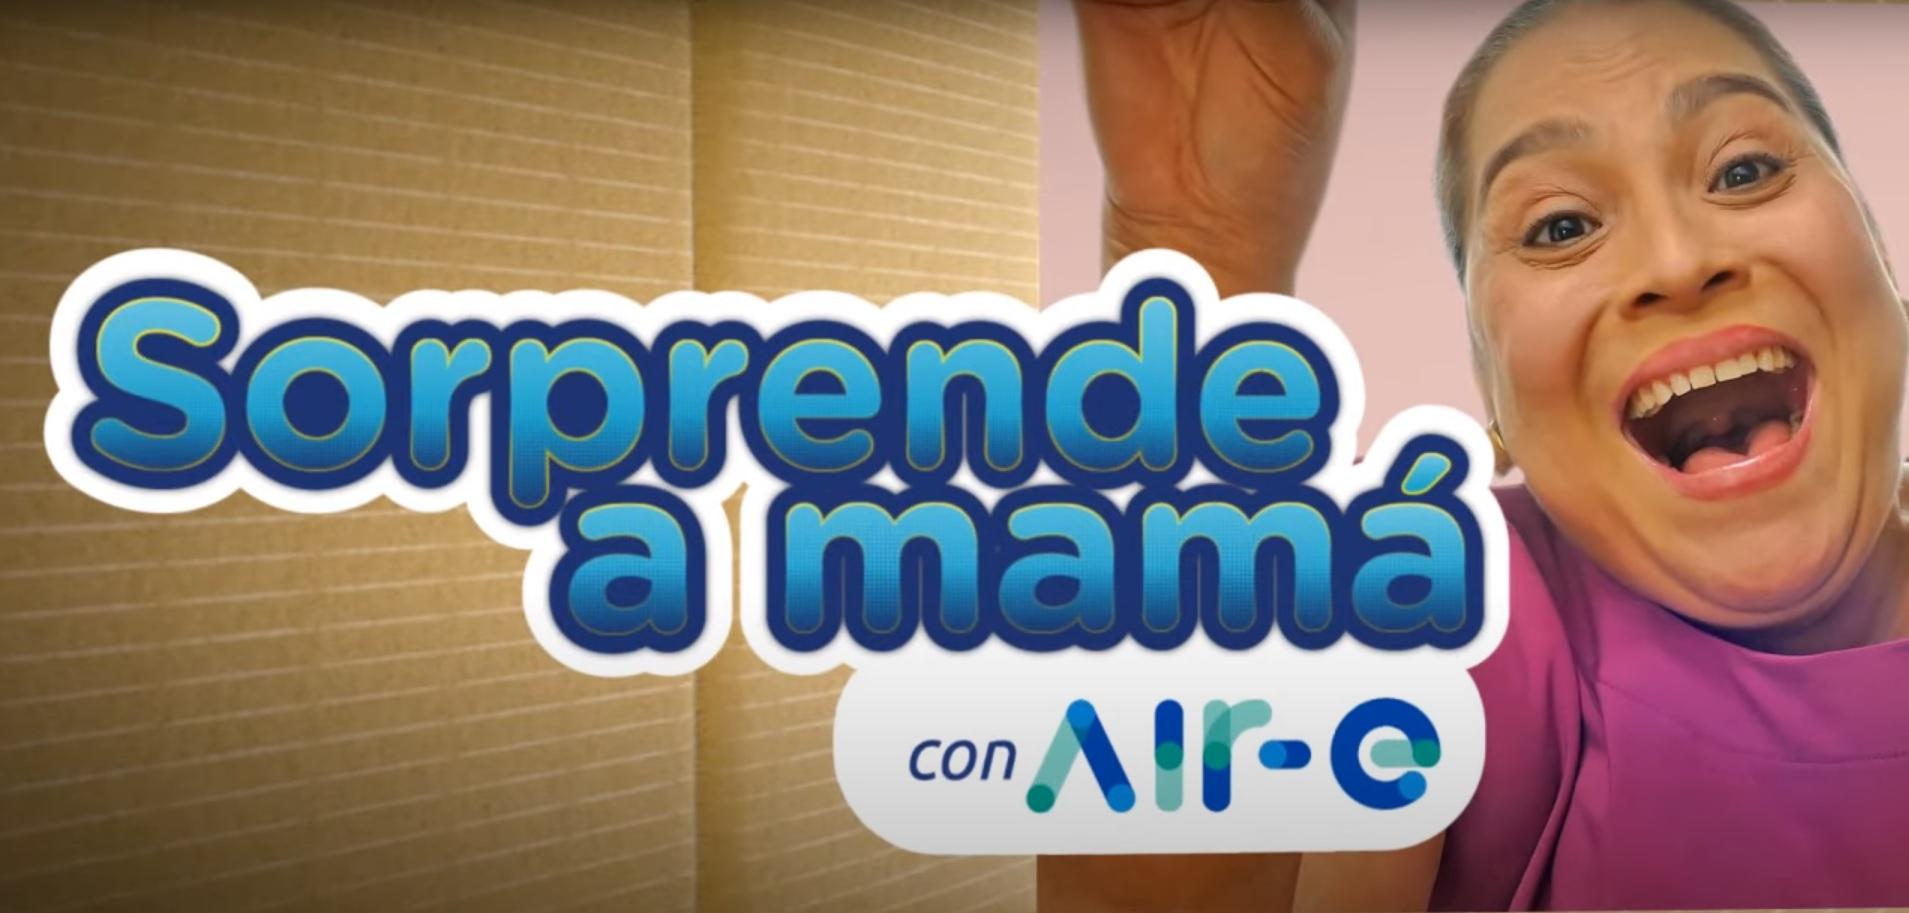 Plan especial de Air-e por el mes de las madres – @Aire_Energia